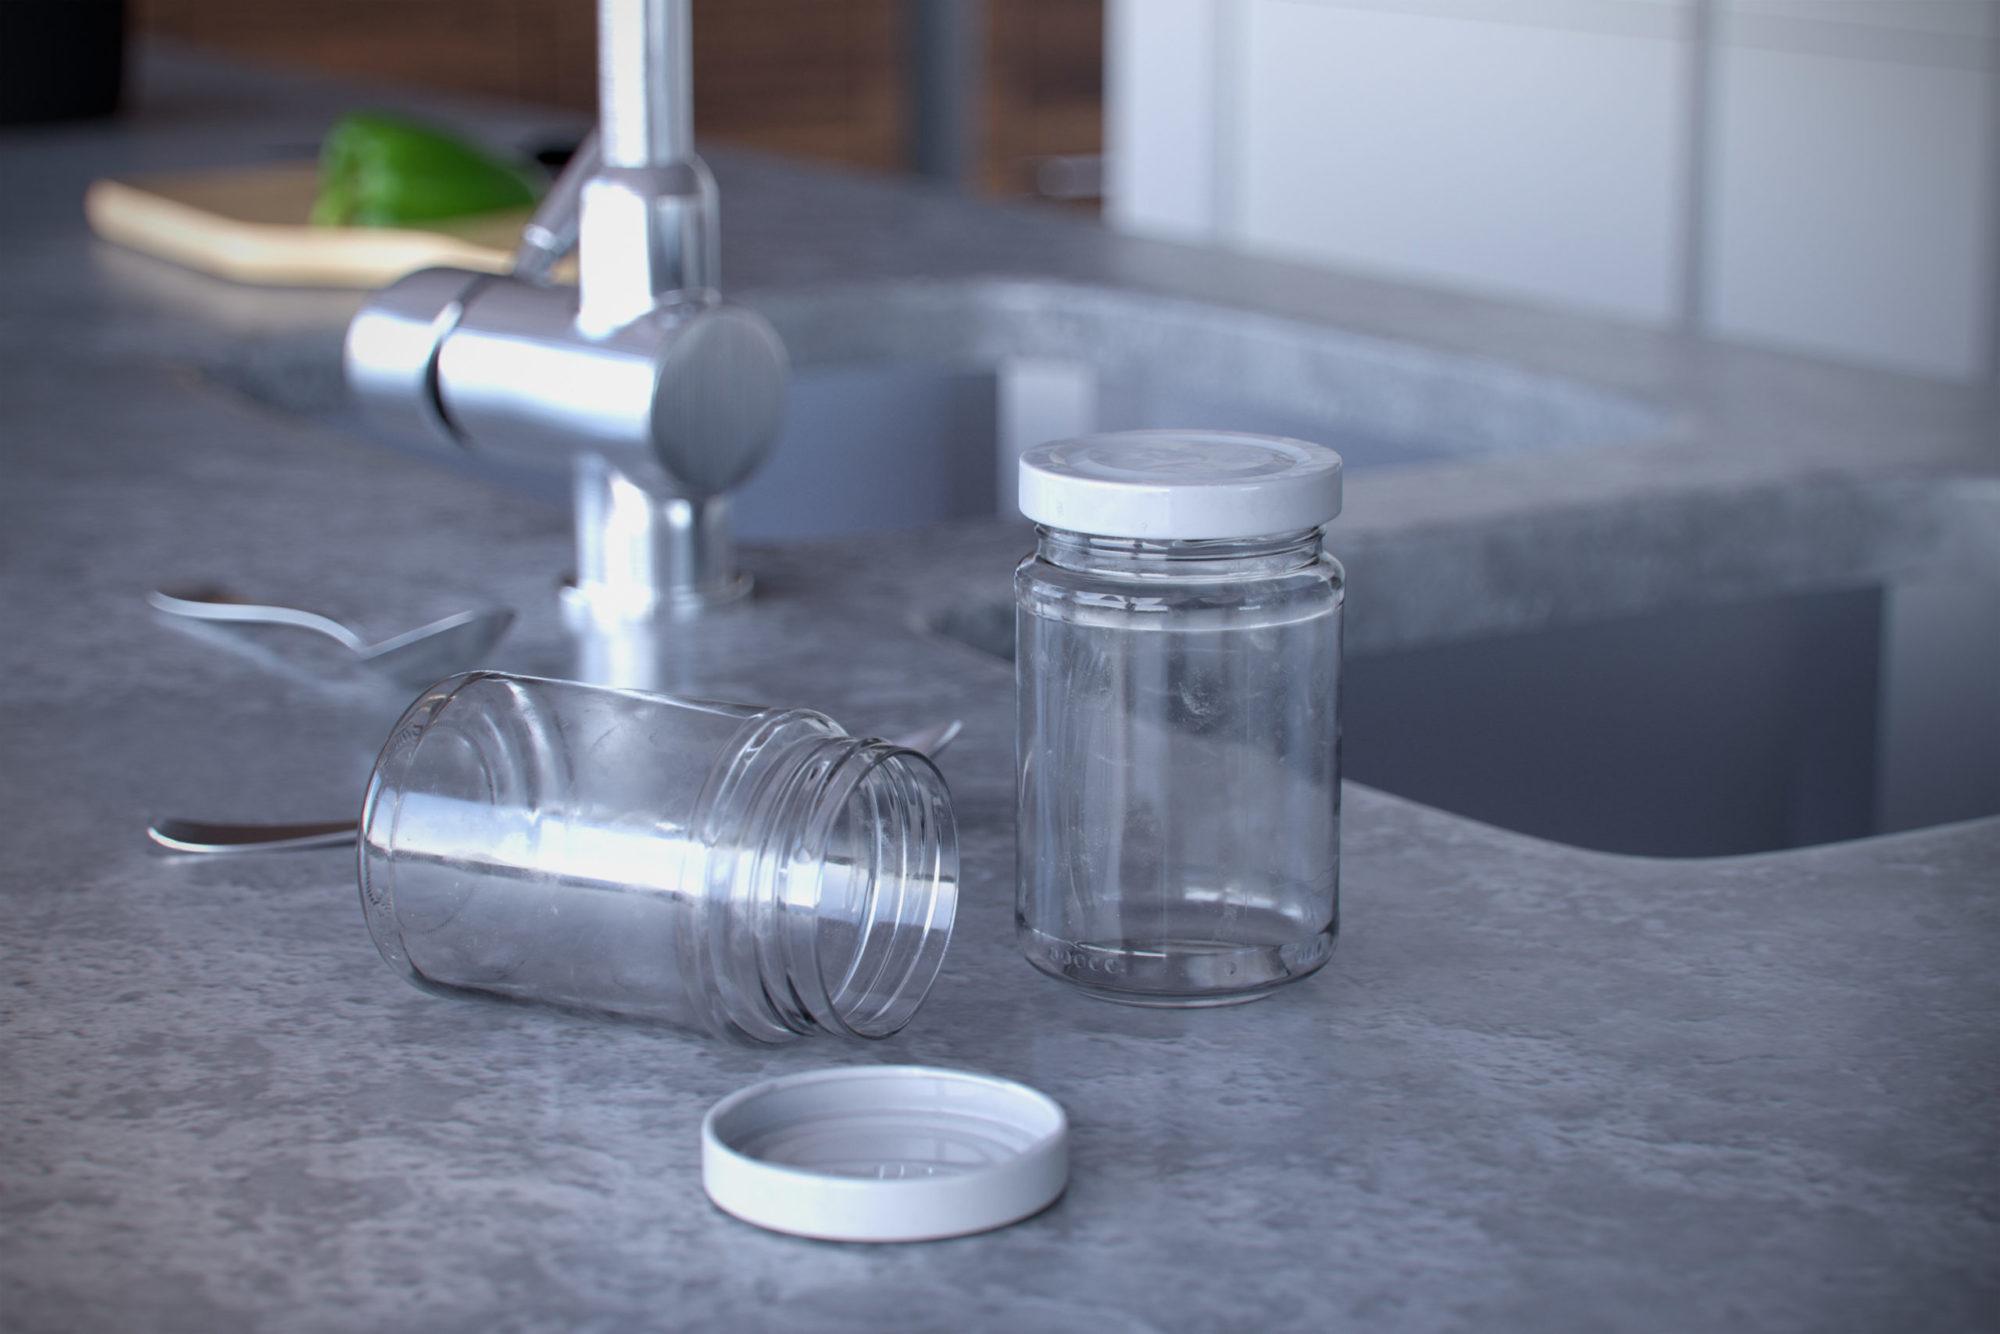 Marmeladeglas 3D Rendering Eder Stefan Österreich